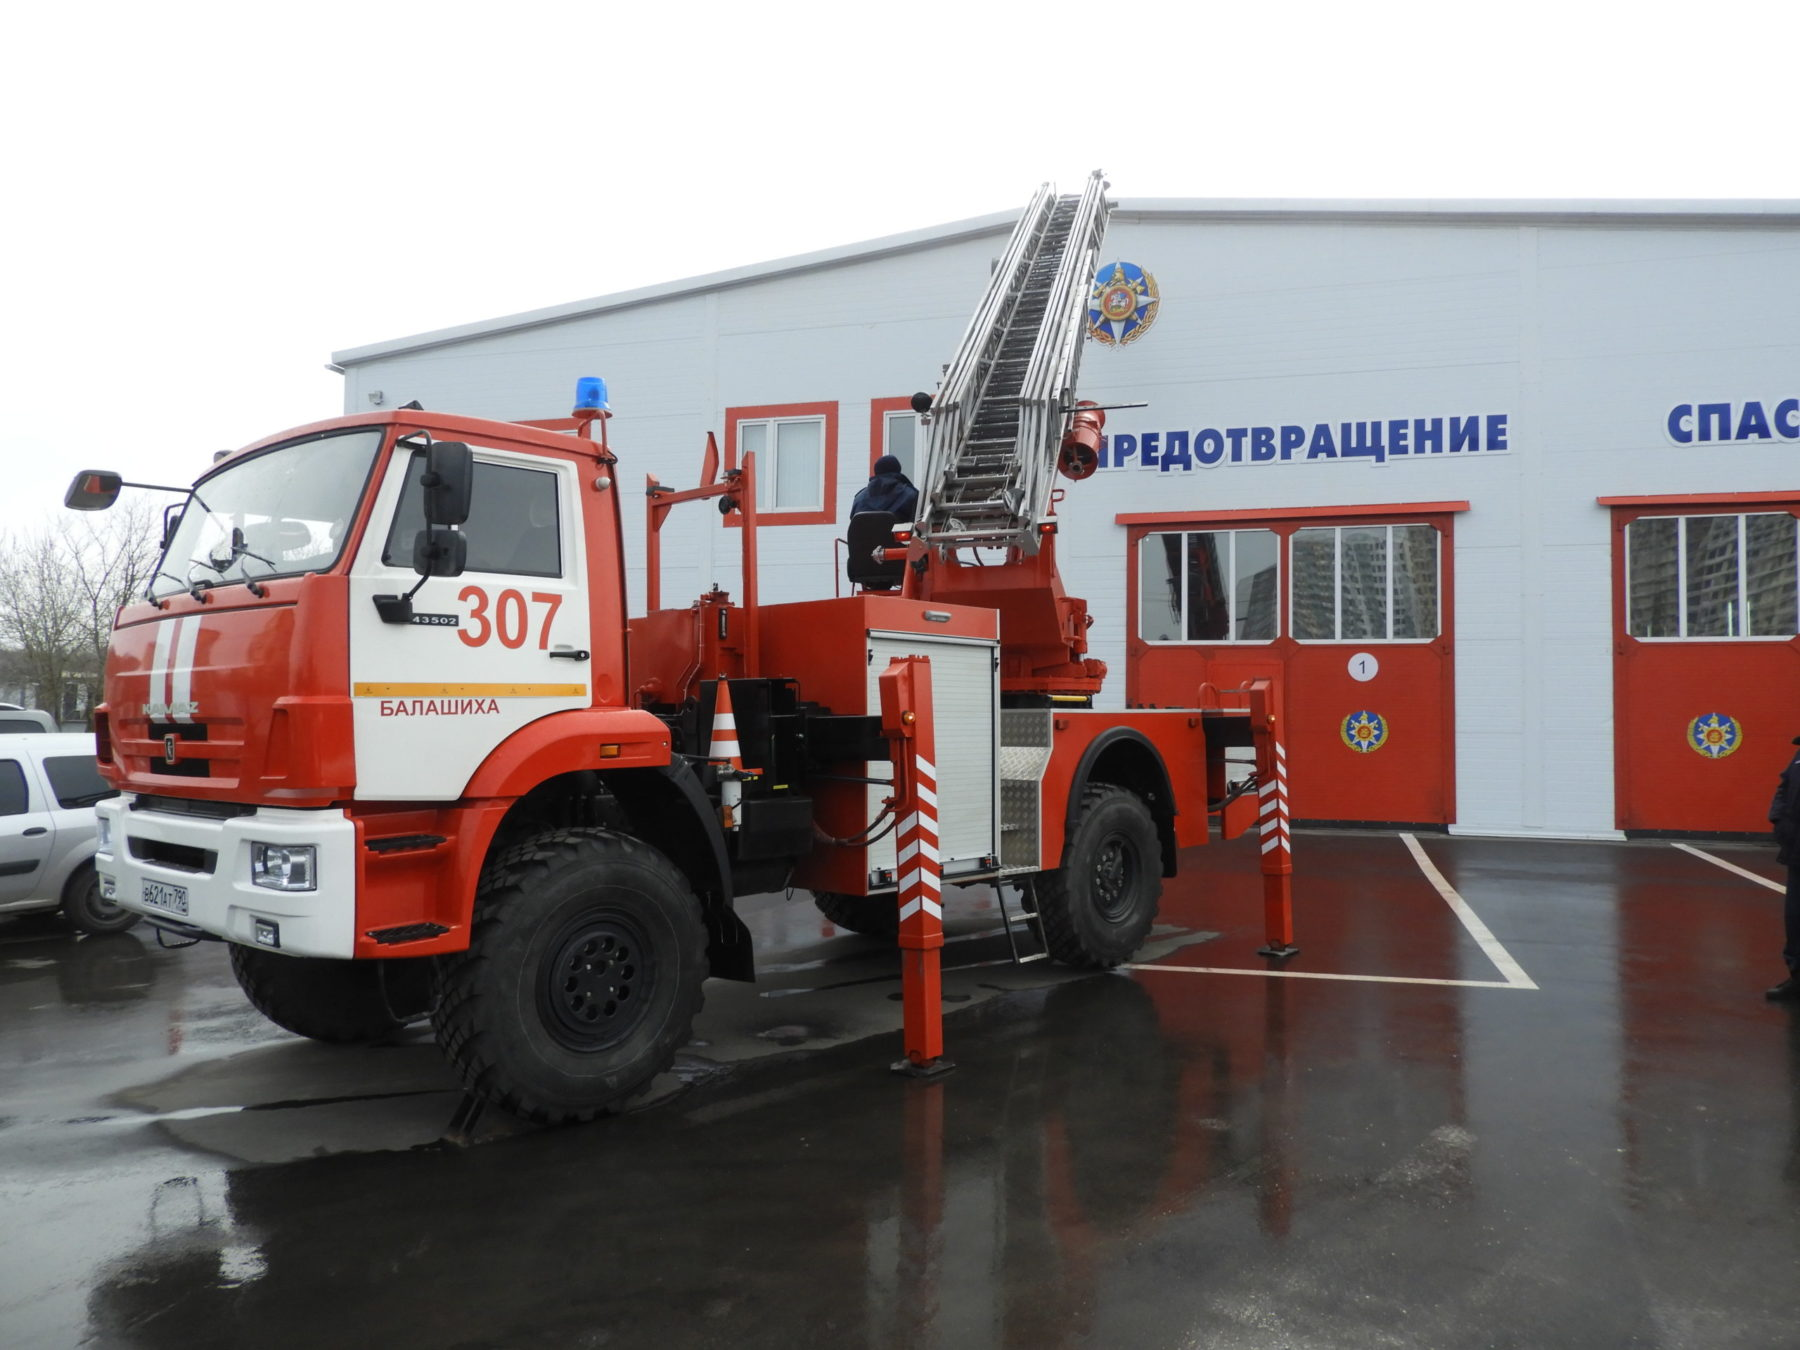 Водители пожарных машин прошли аттестацию в Балашихе